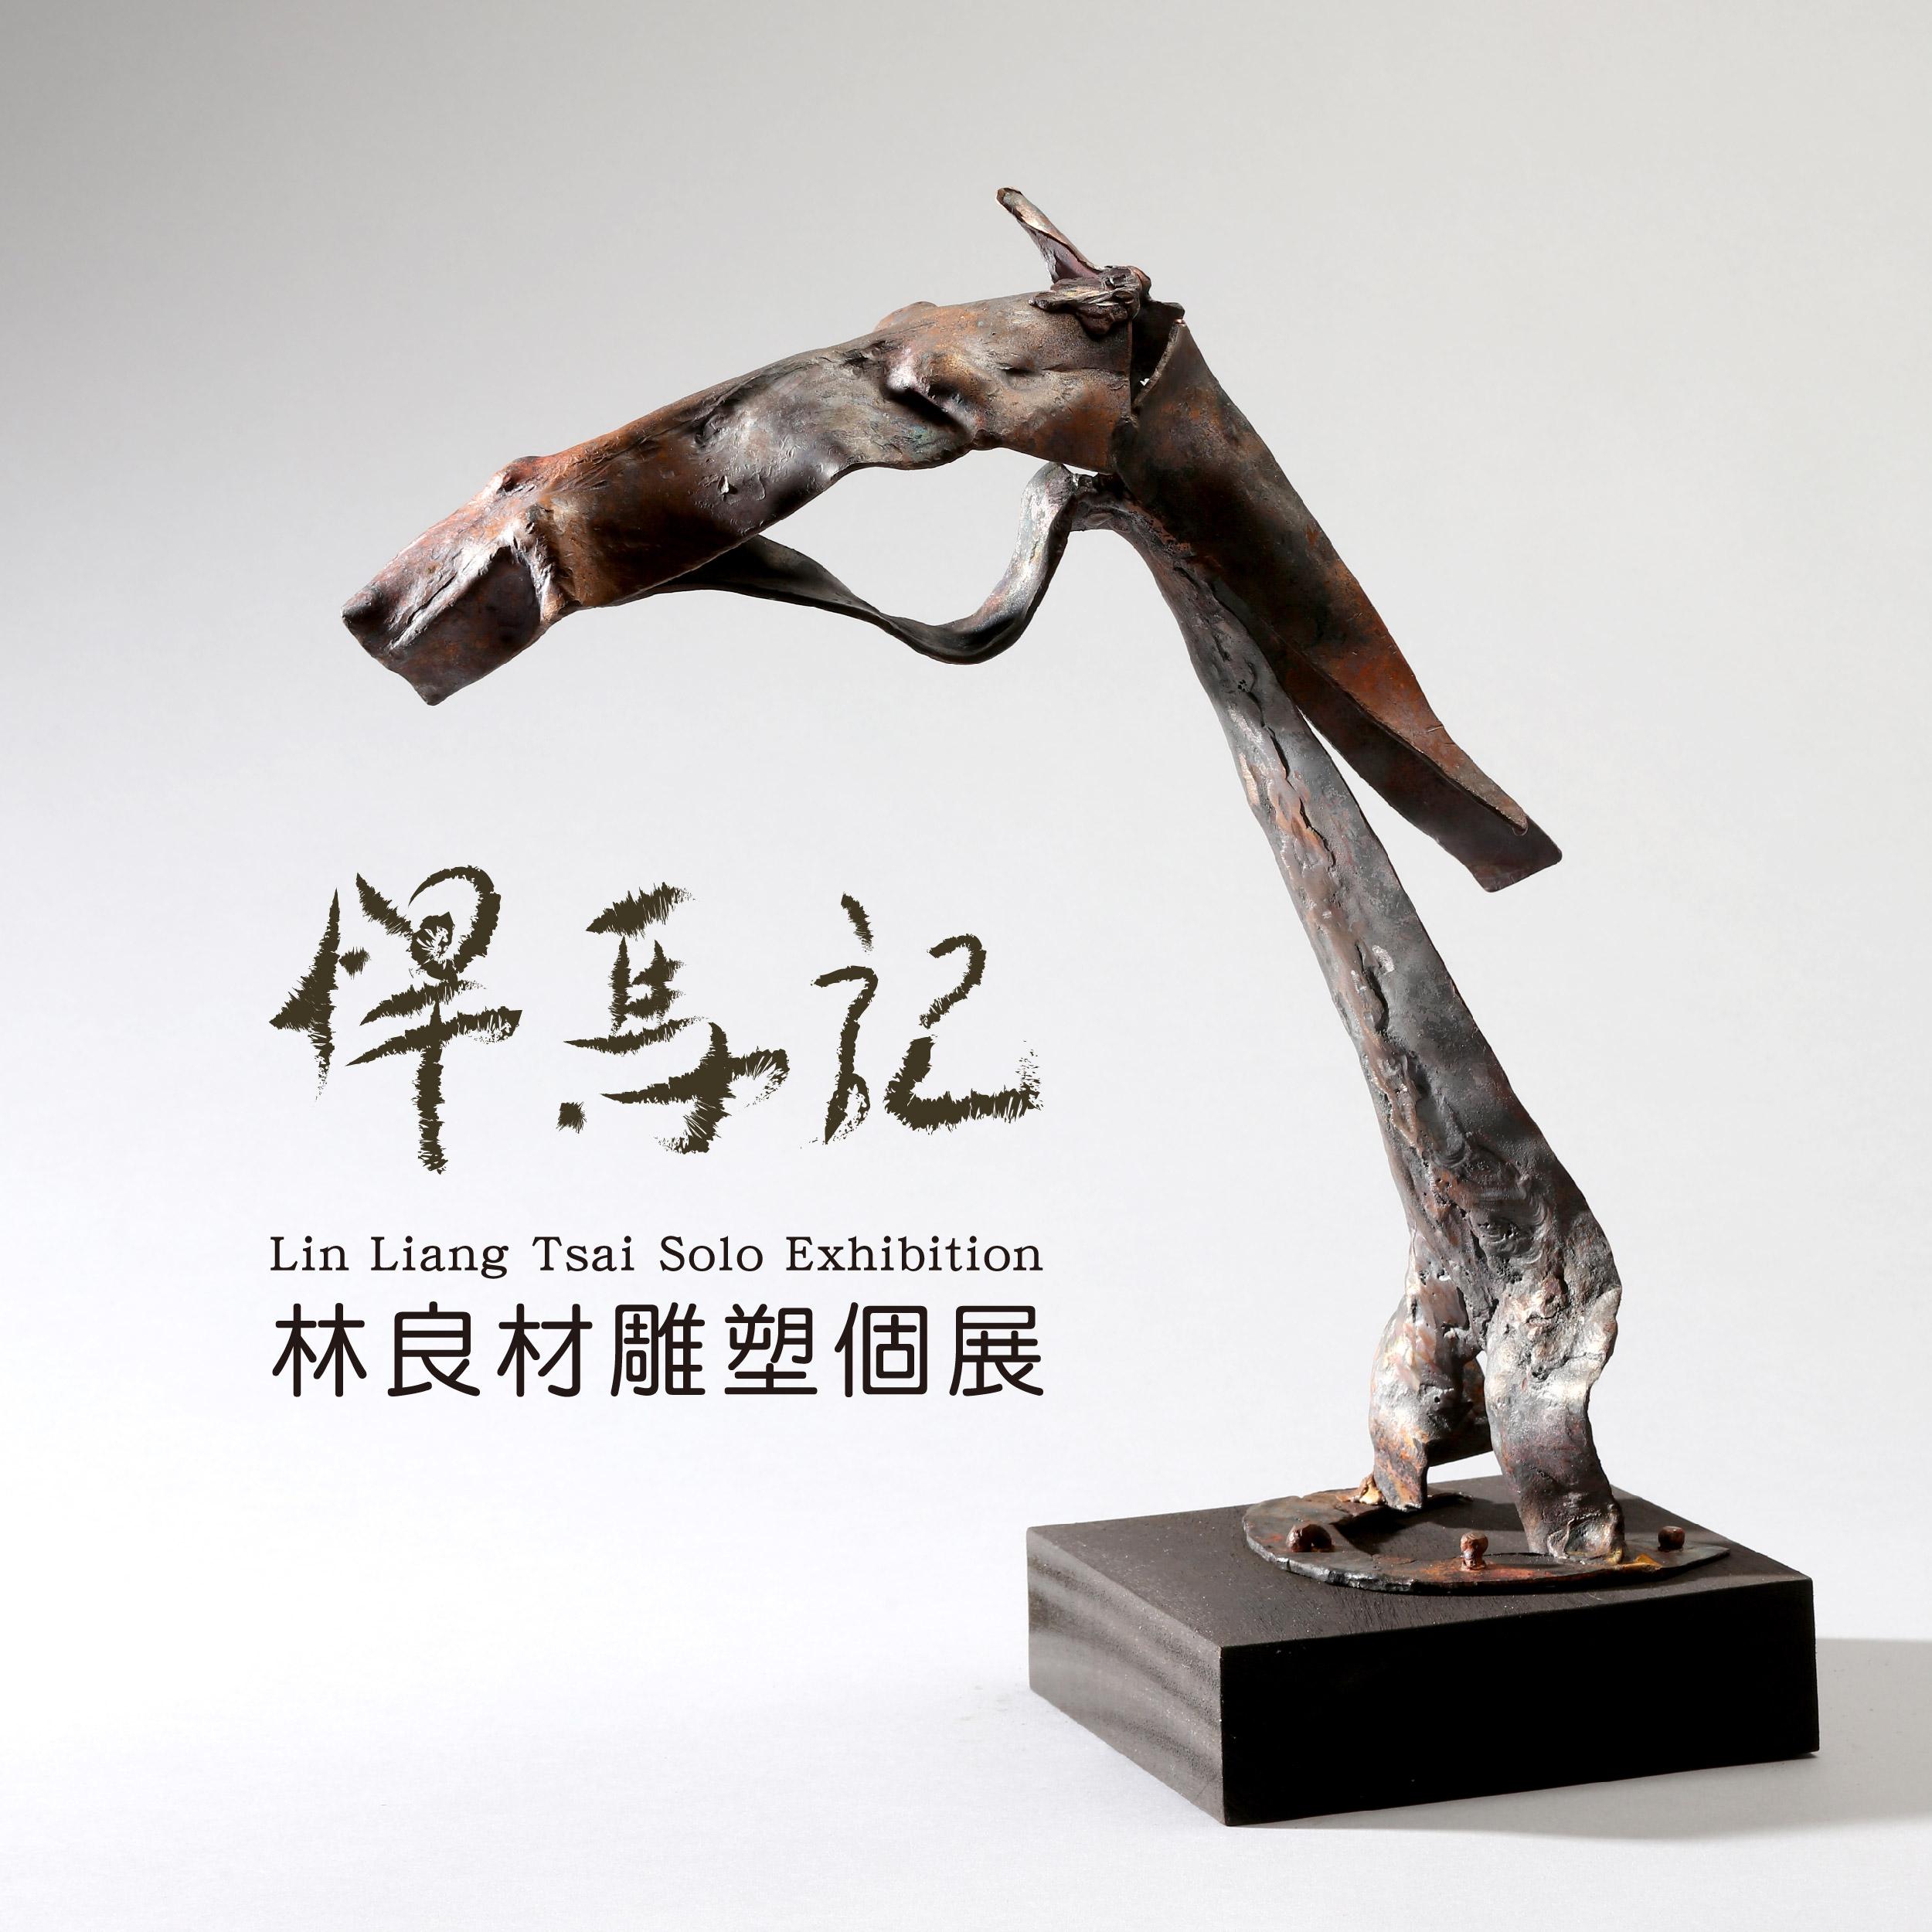 【展覽資訊|林良材雕塑個展-悍馬記】